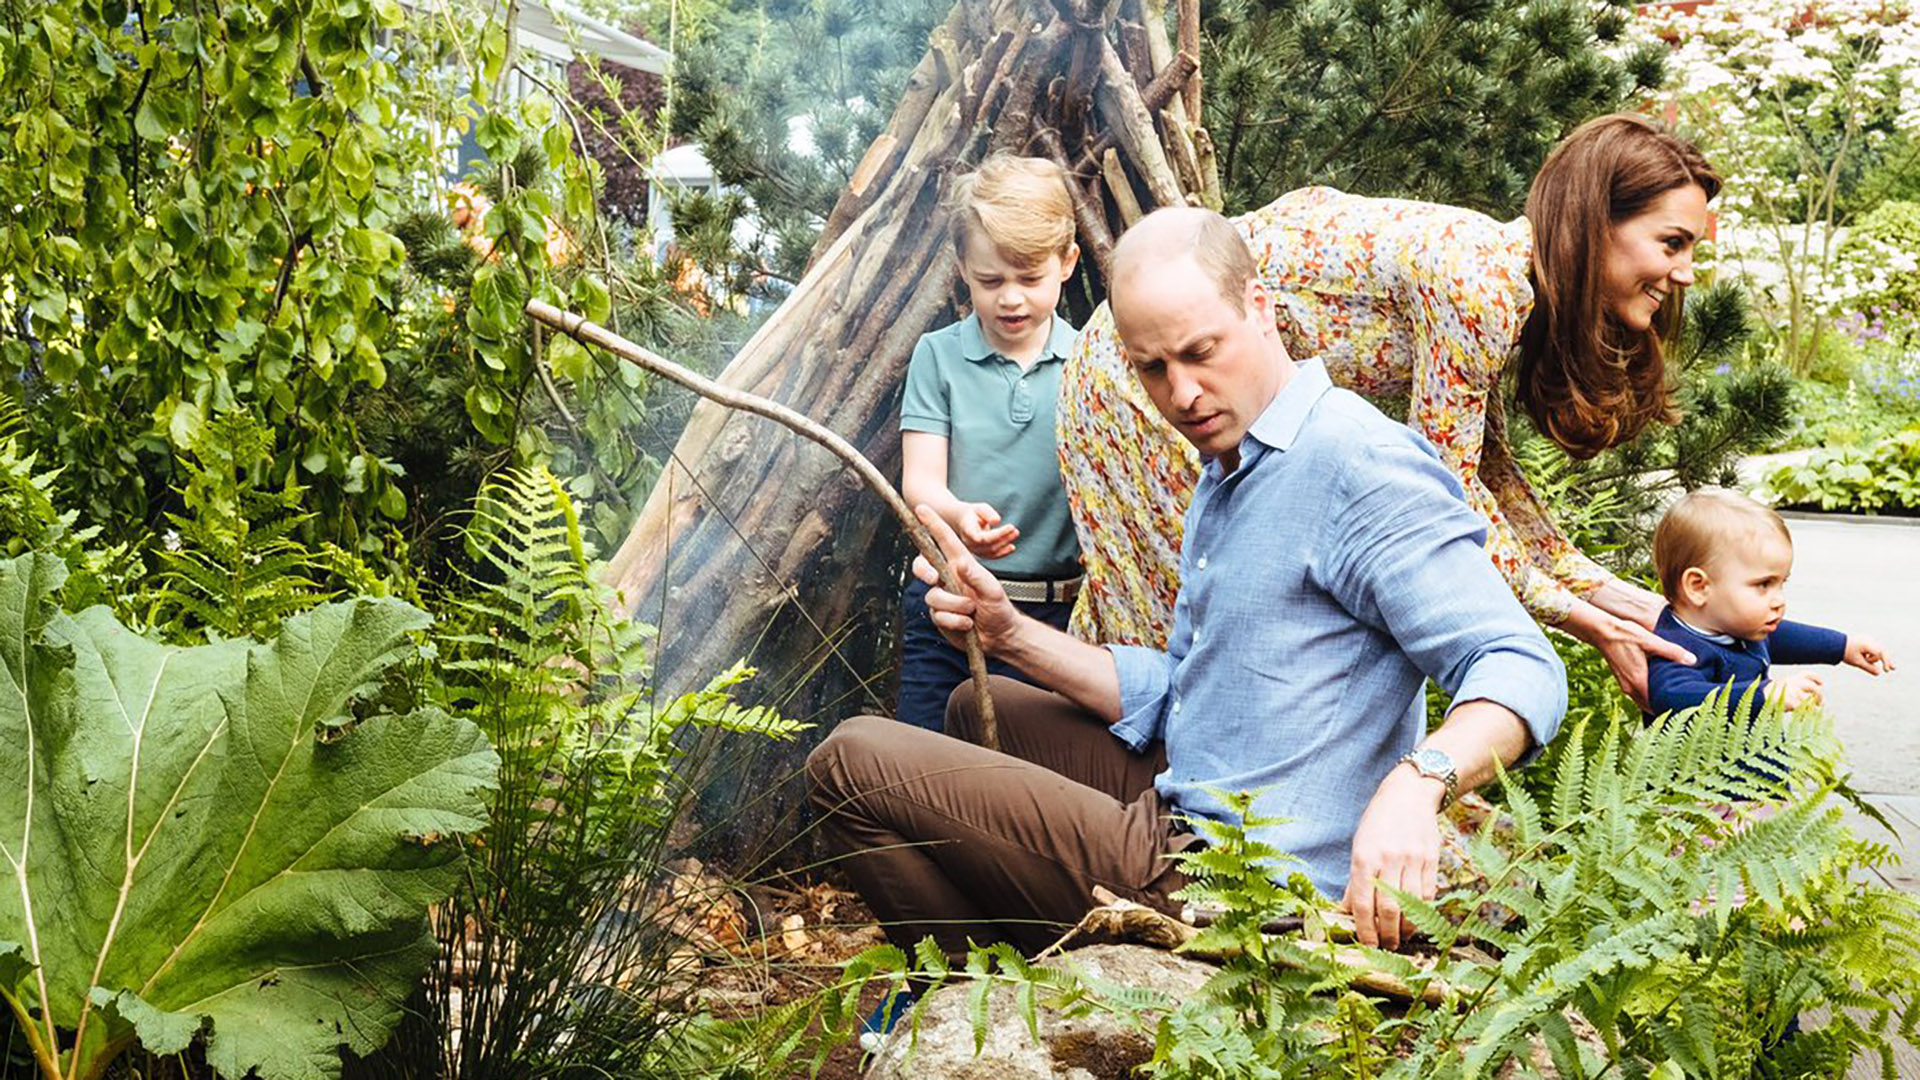 Los duques de Cambridge y sus hijos, los príncipes George, de 5 años, y Louis, de 1, juegan en un jardín diseñado por Kate Middleton para el Chelsea Flower Show, uno de los eventos de jardinería más esperados por la sociedad británica